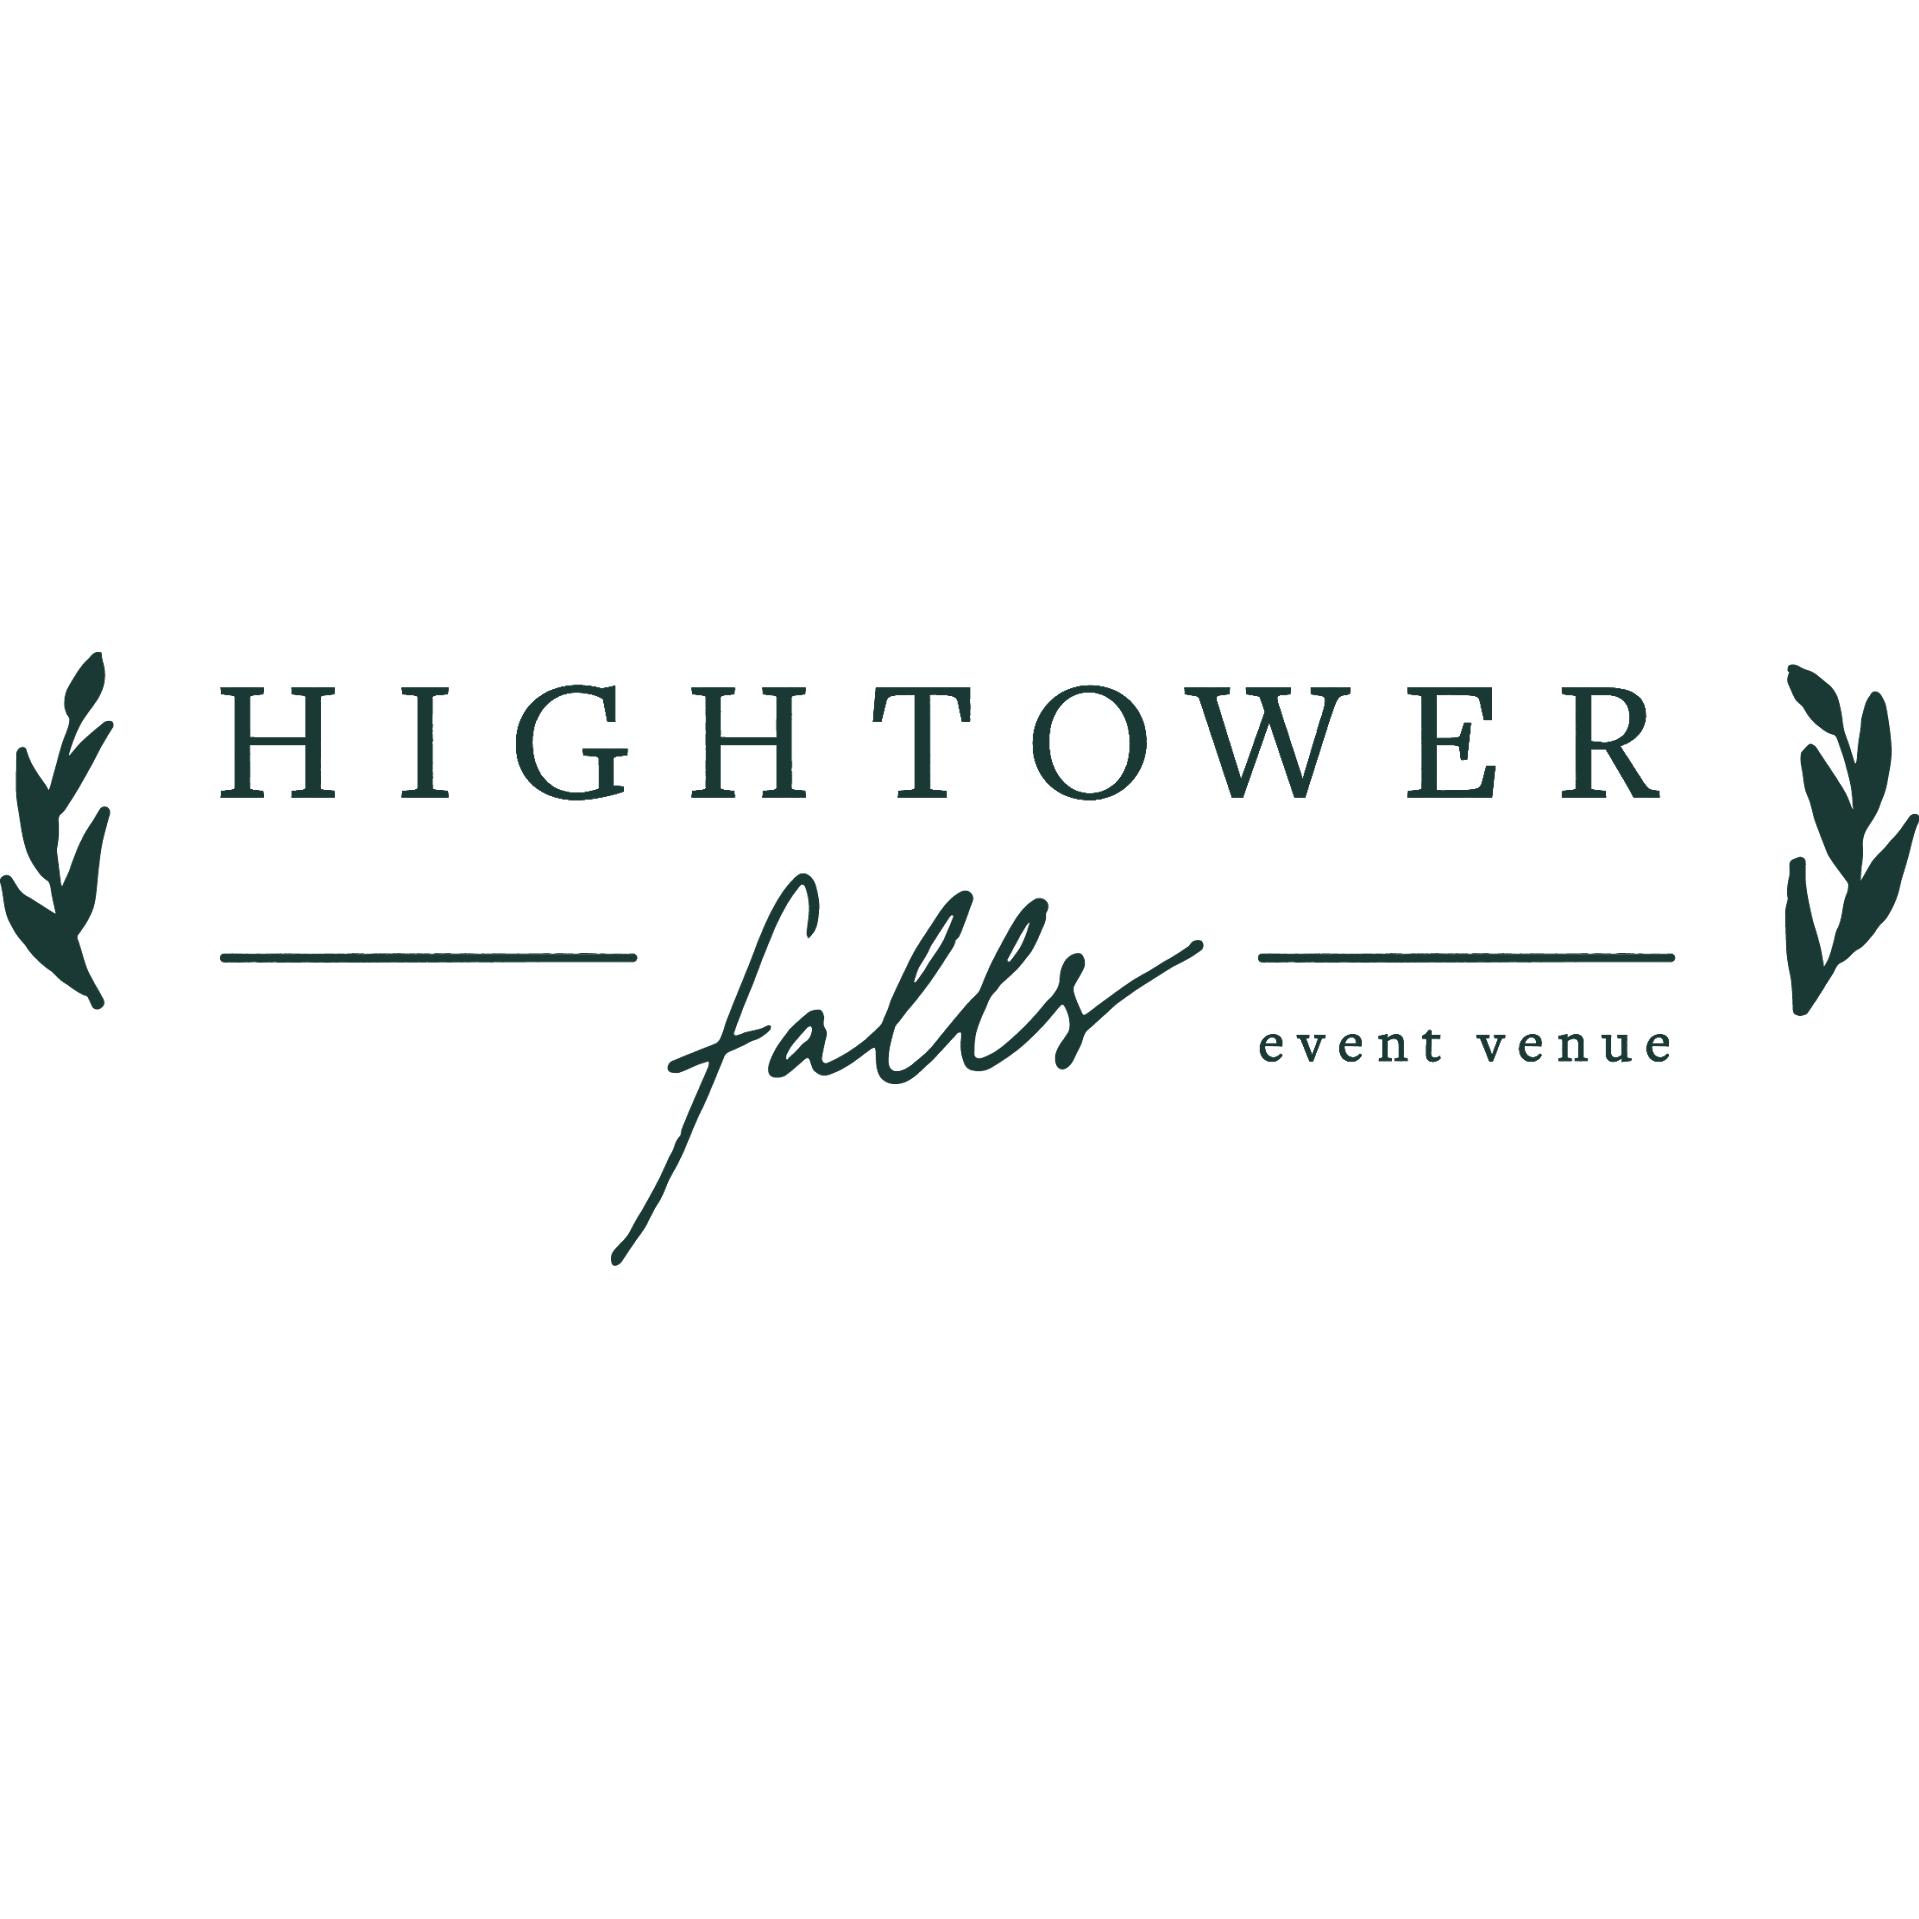 Hightower Falls image 6